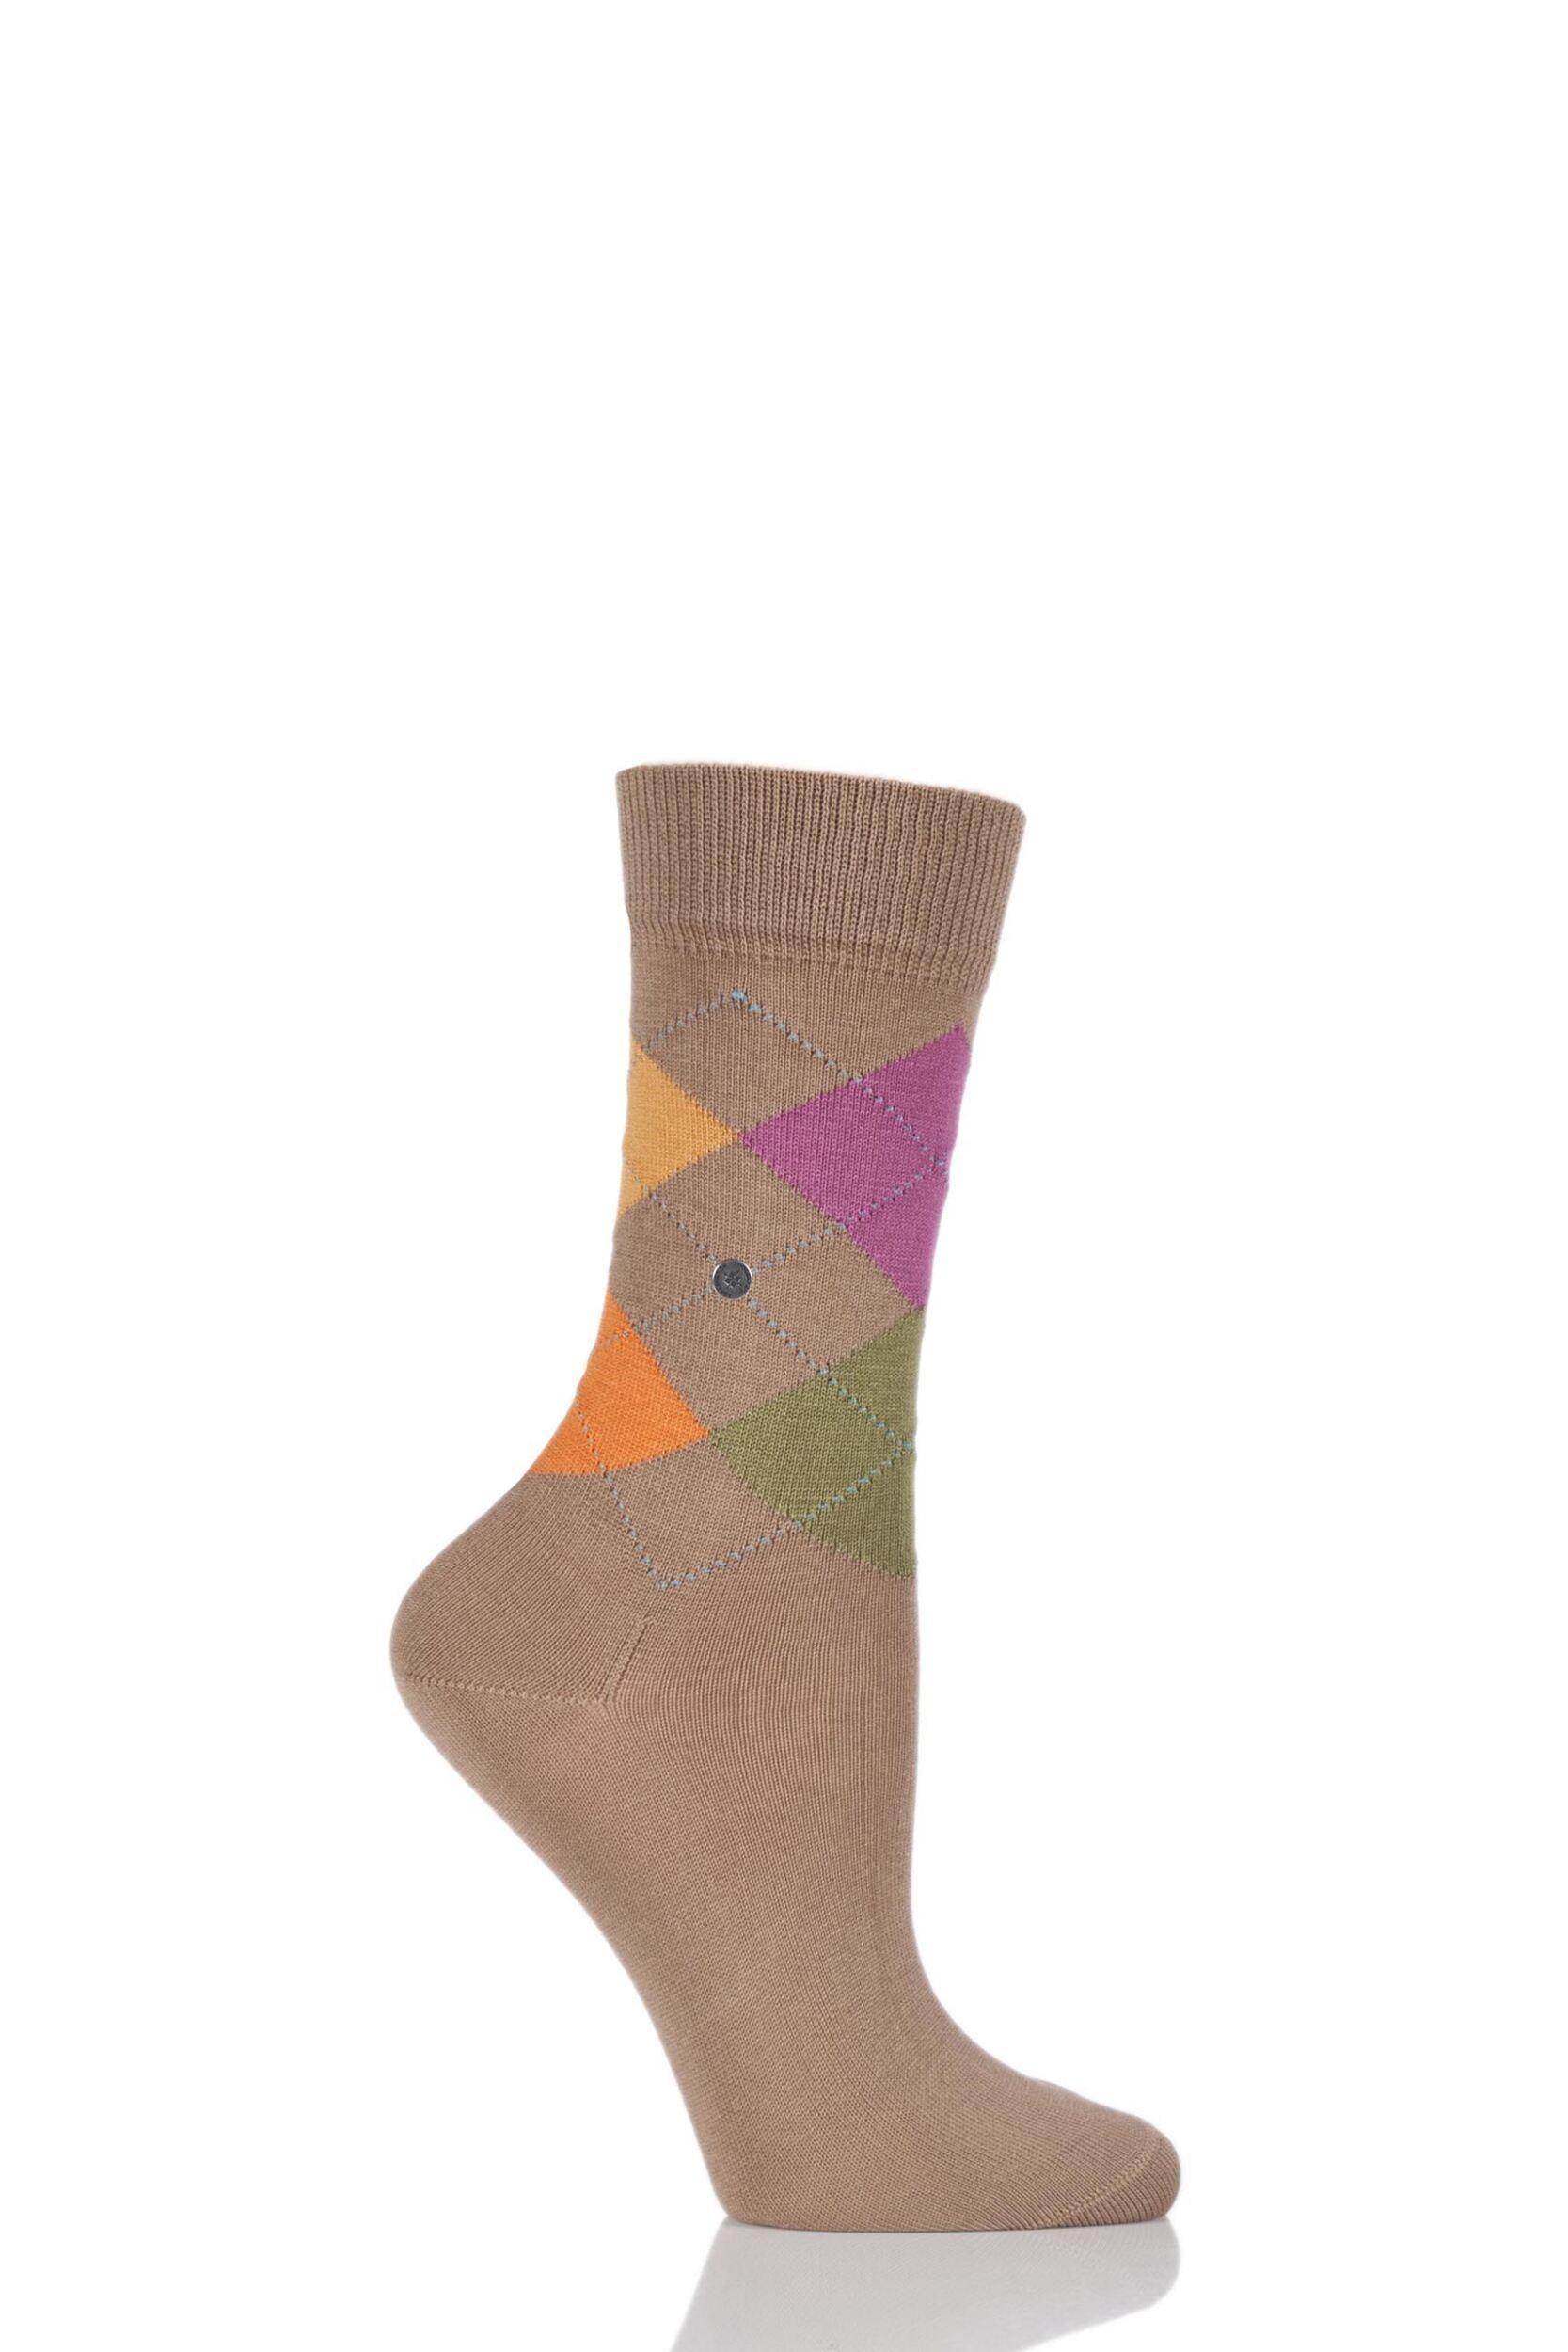 Ladies 1 pair burlington covent garden cotton argyle socks for Garden socks